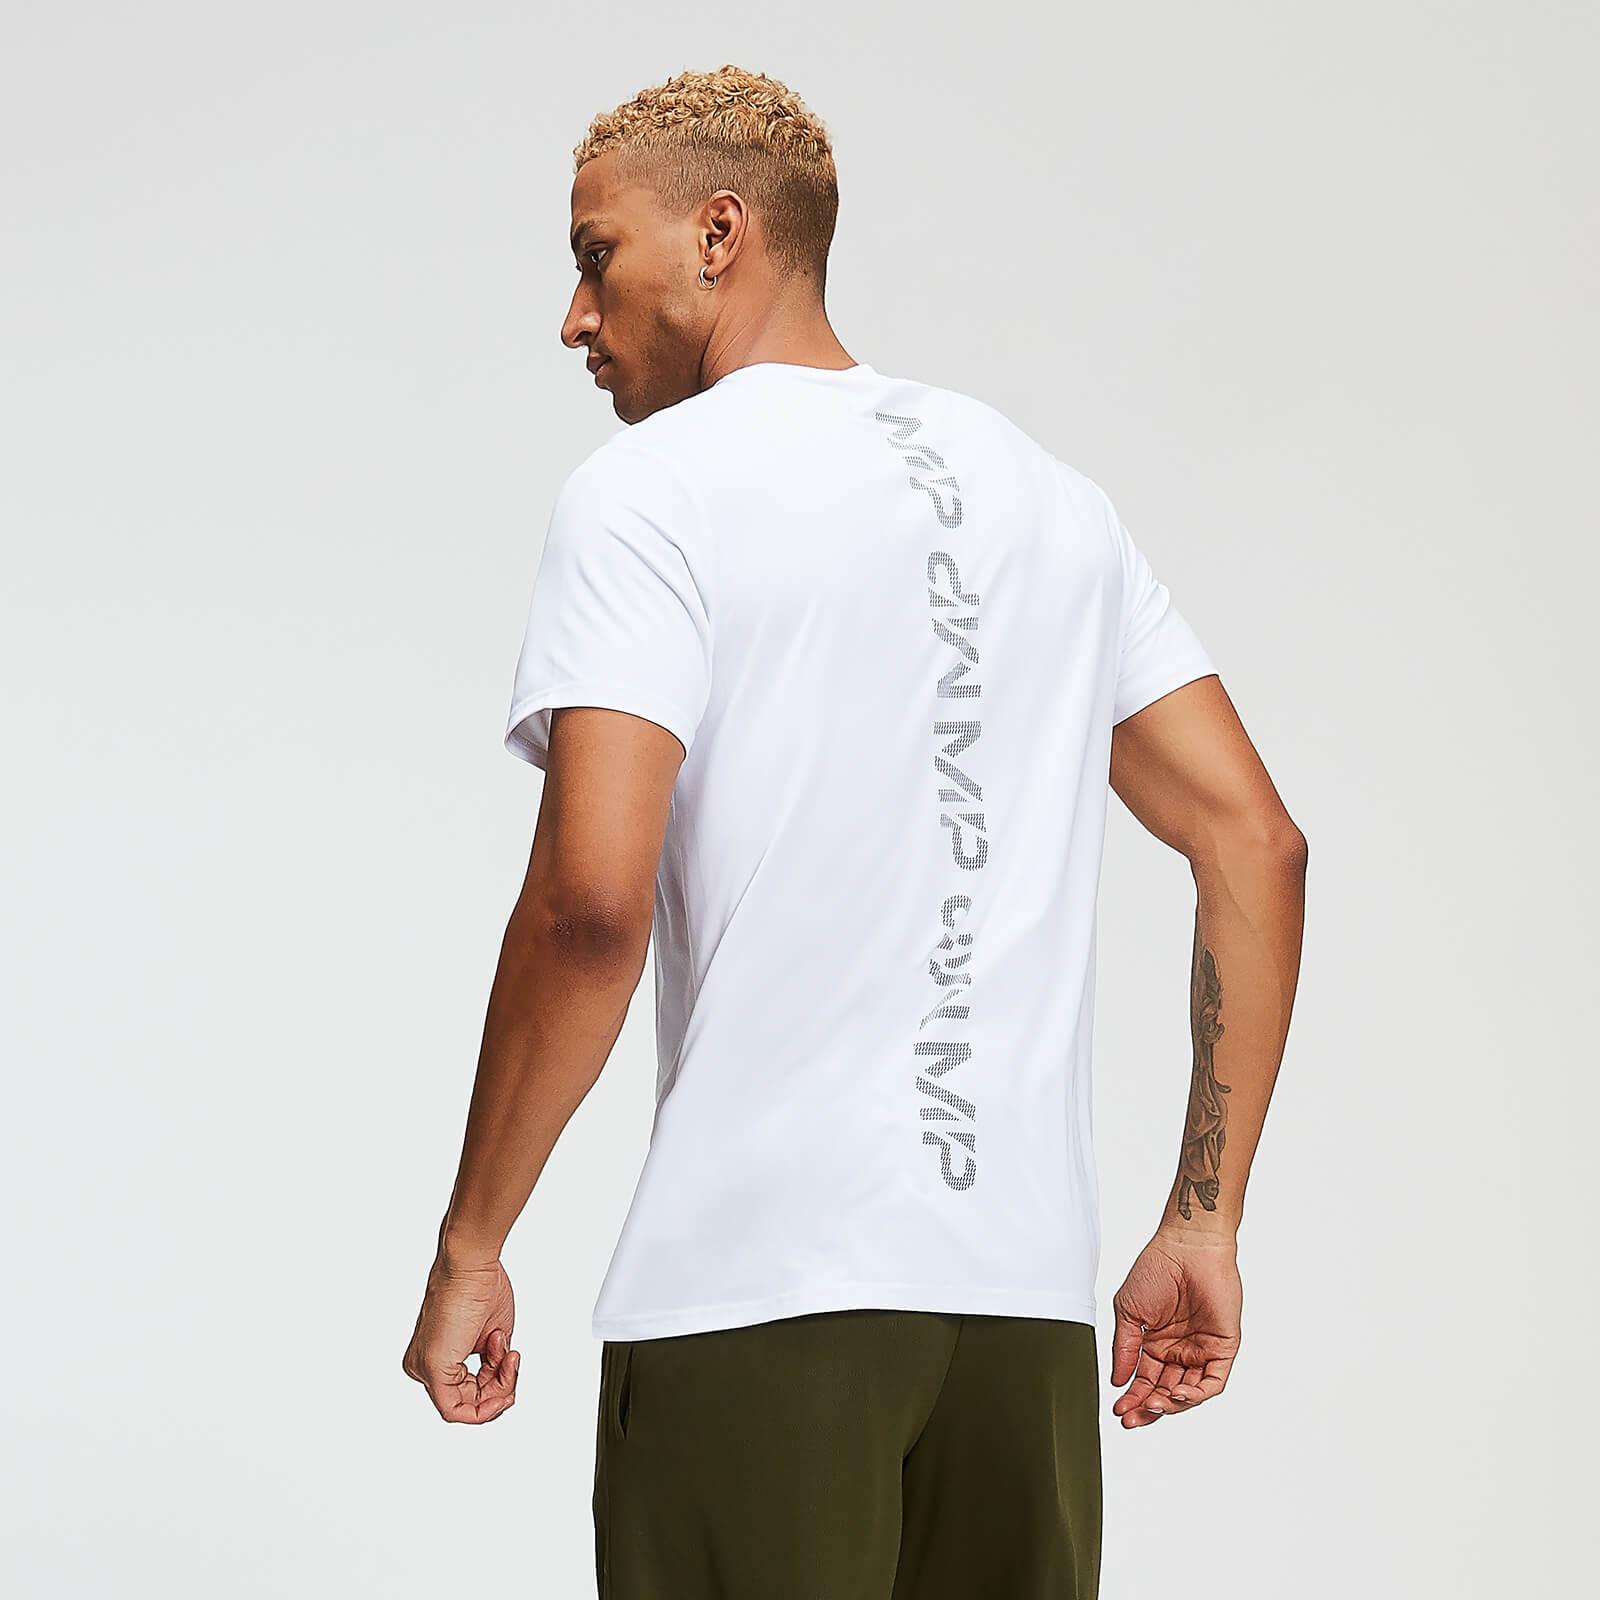 Myprotein MP Training Men's T-Shirt - White - M